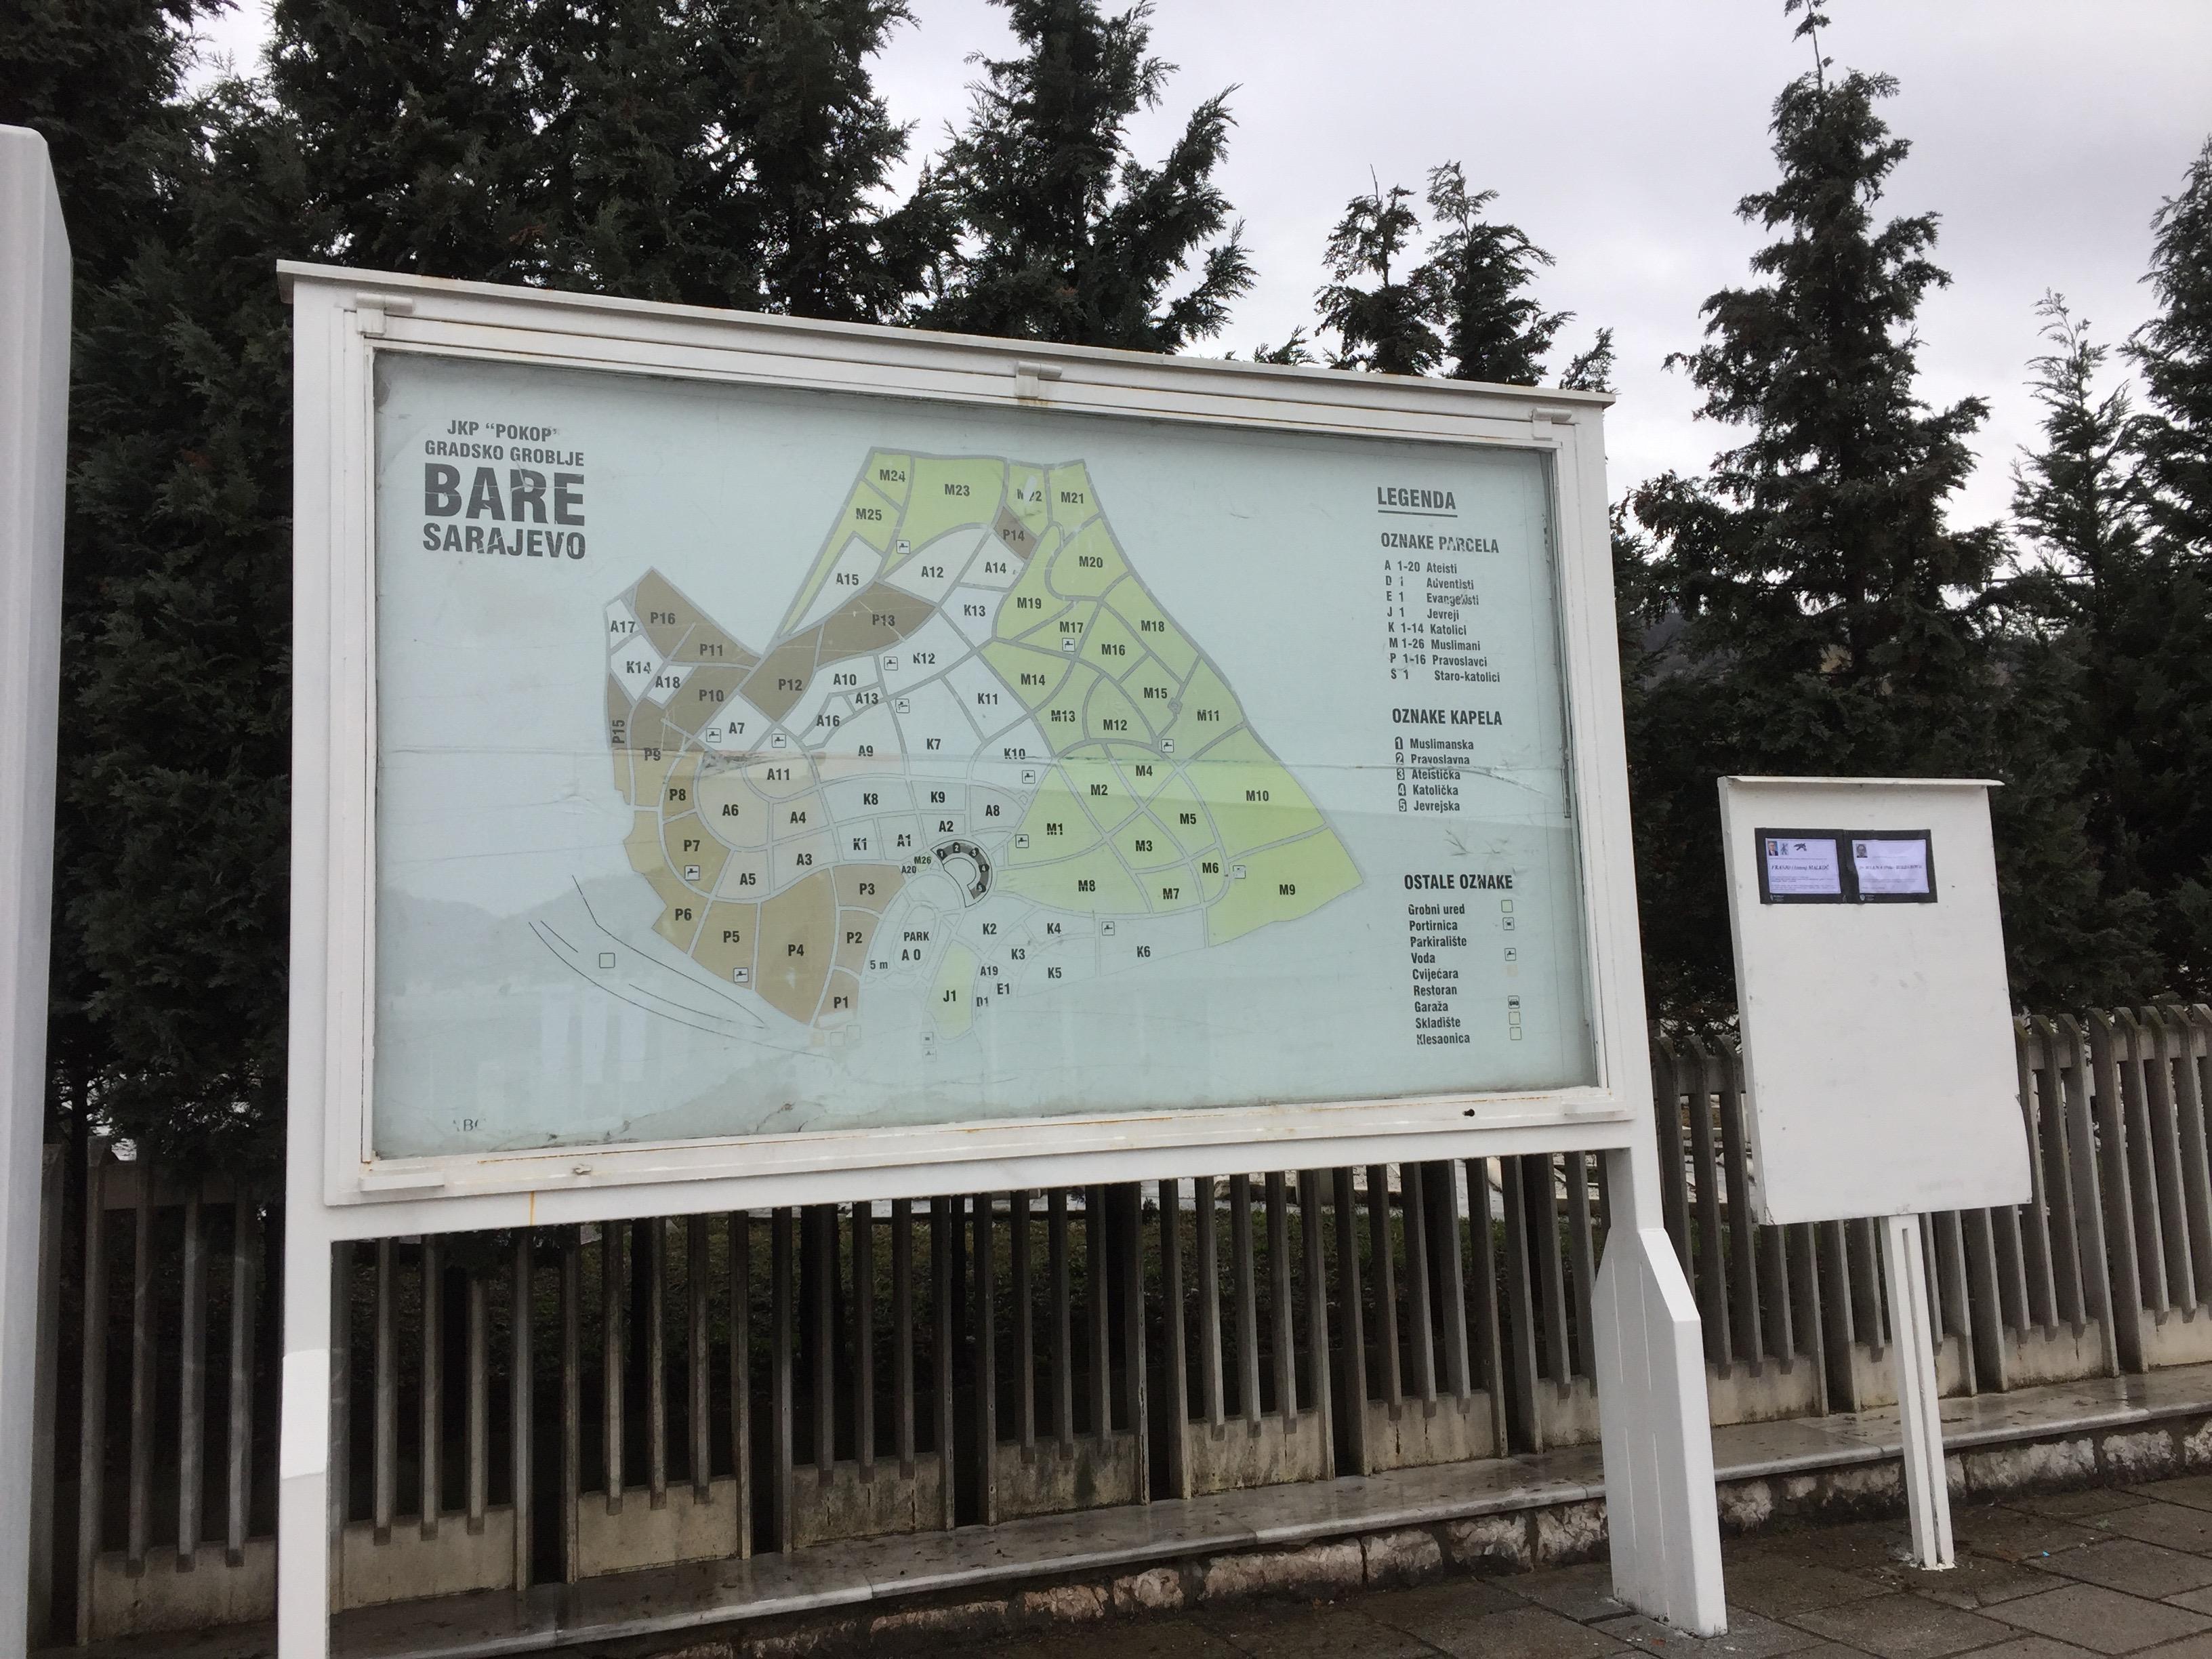 大墓地のマップ